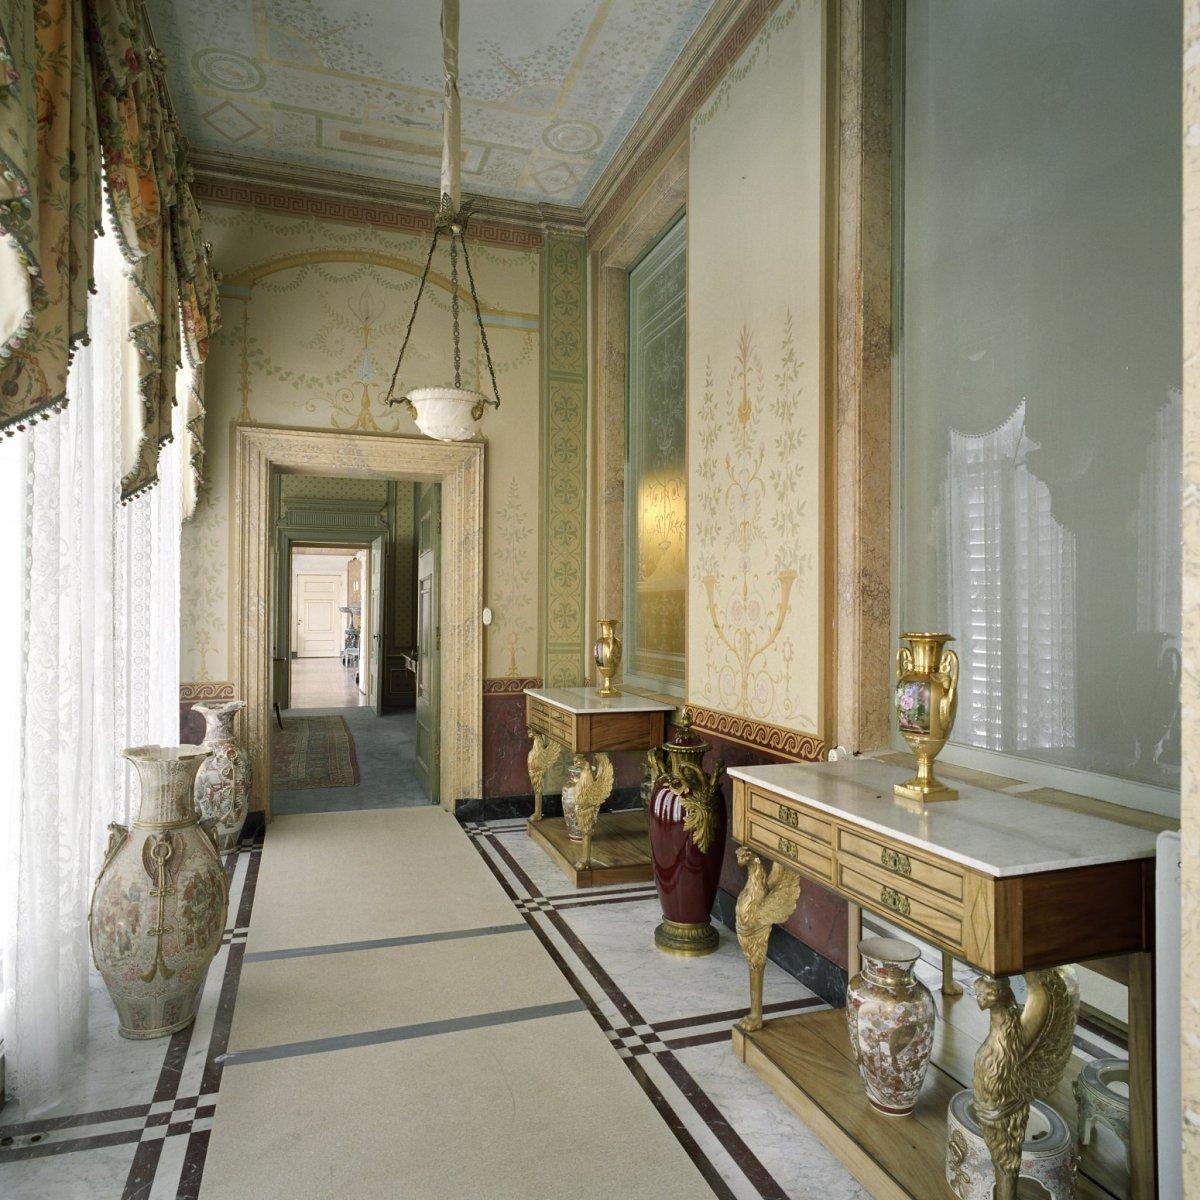 File interieur overzicht van de serre links naast de witte eetzaal met doorkijk naar de - Whirlpool van het interieur ...